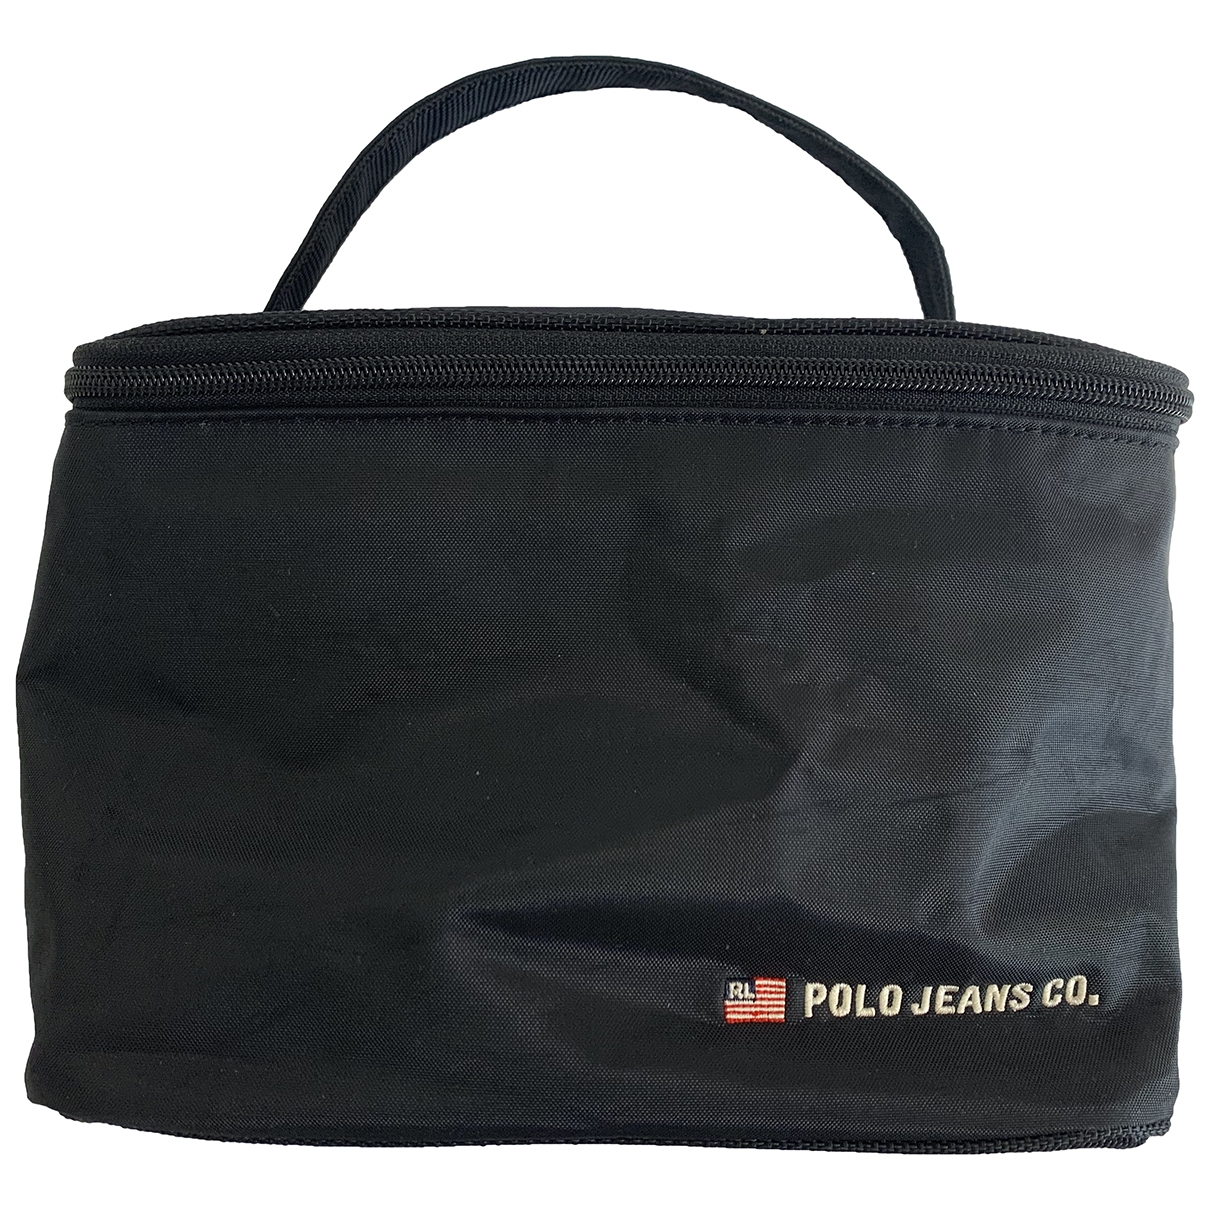 Polo Ralph Lauren - Sac de voyage   pour femme en toile - noir